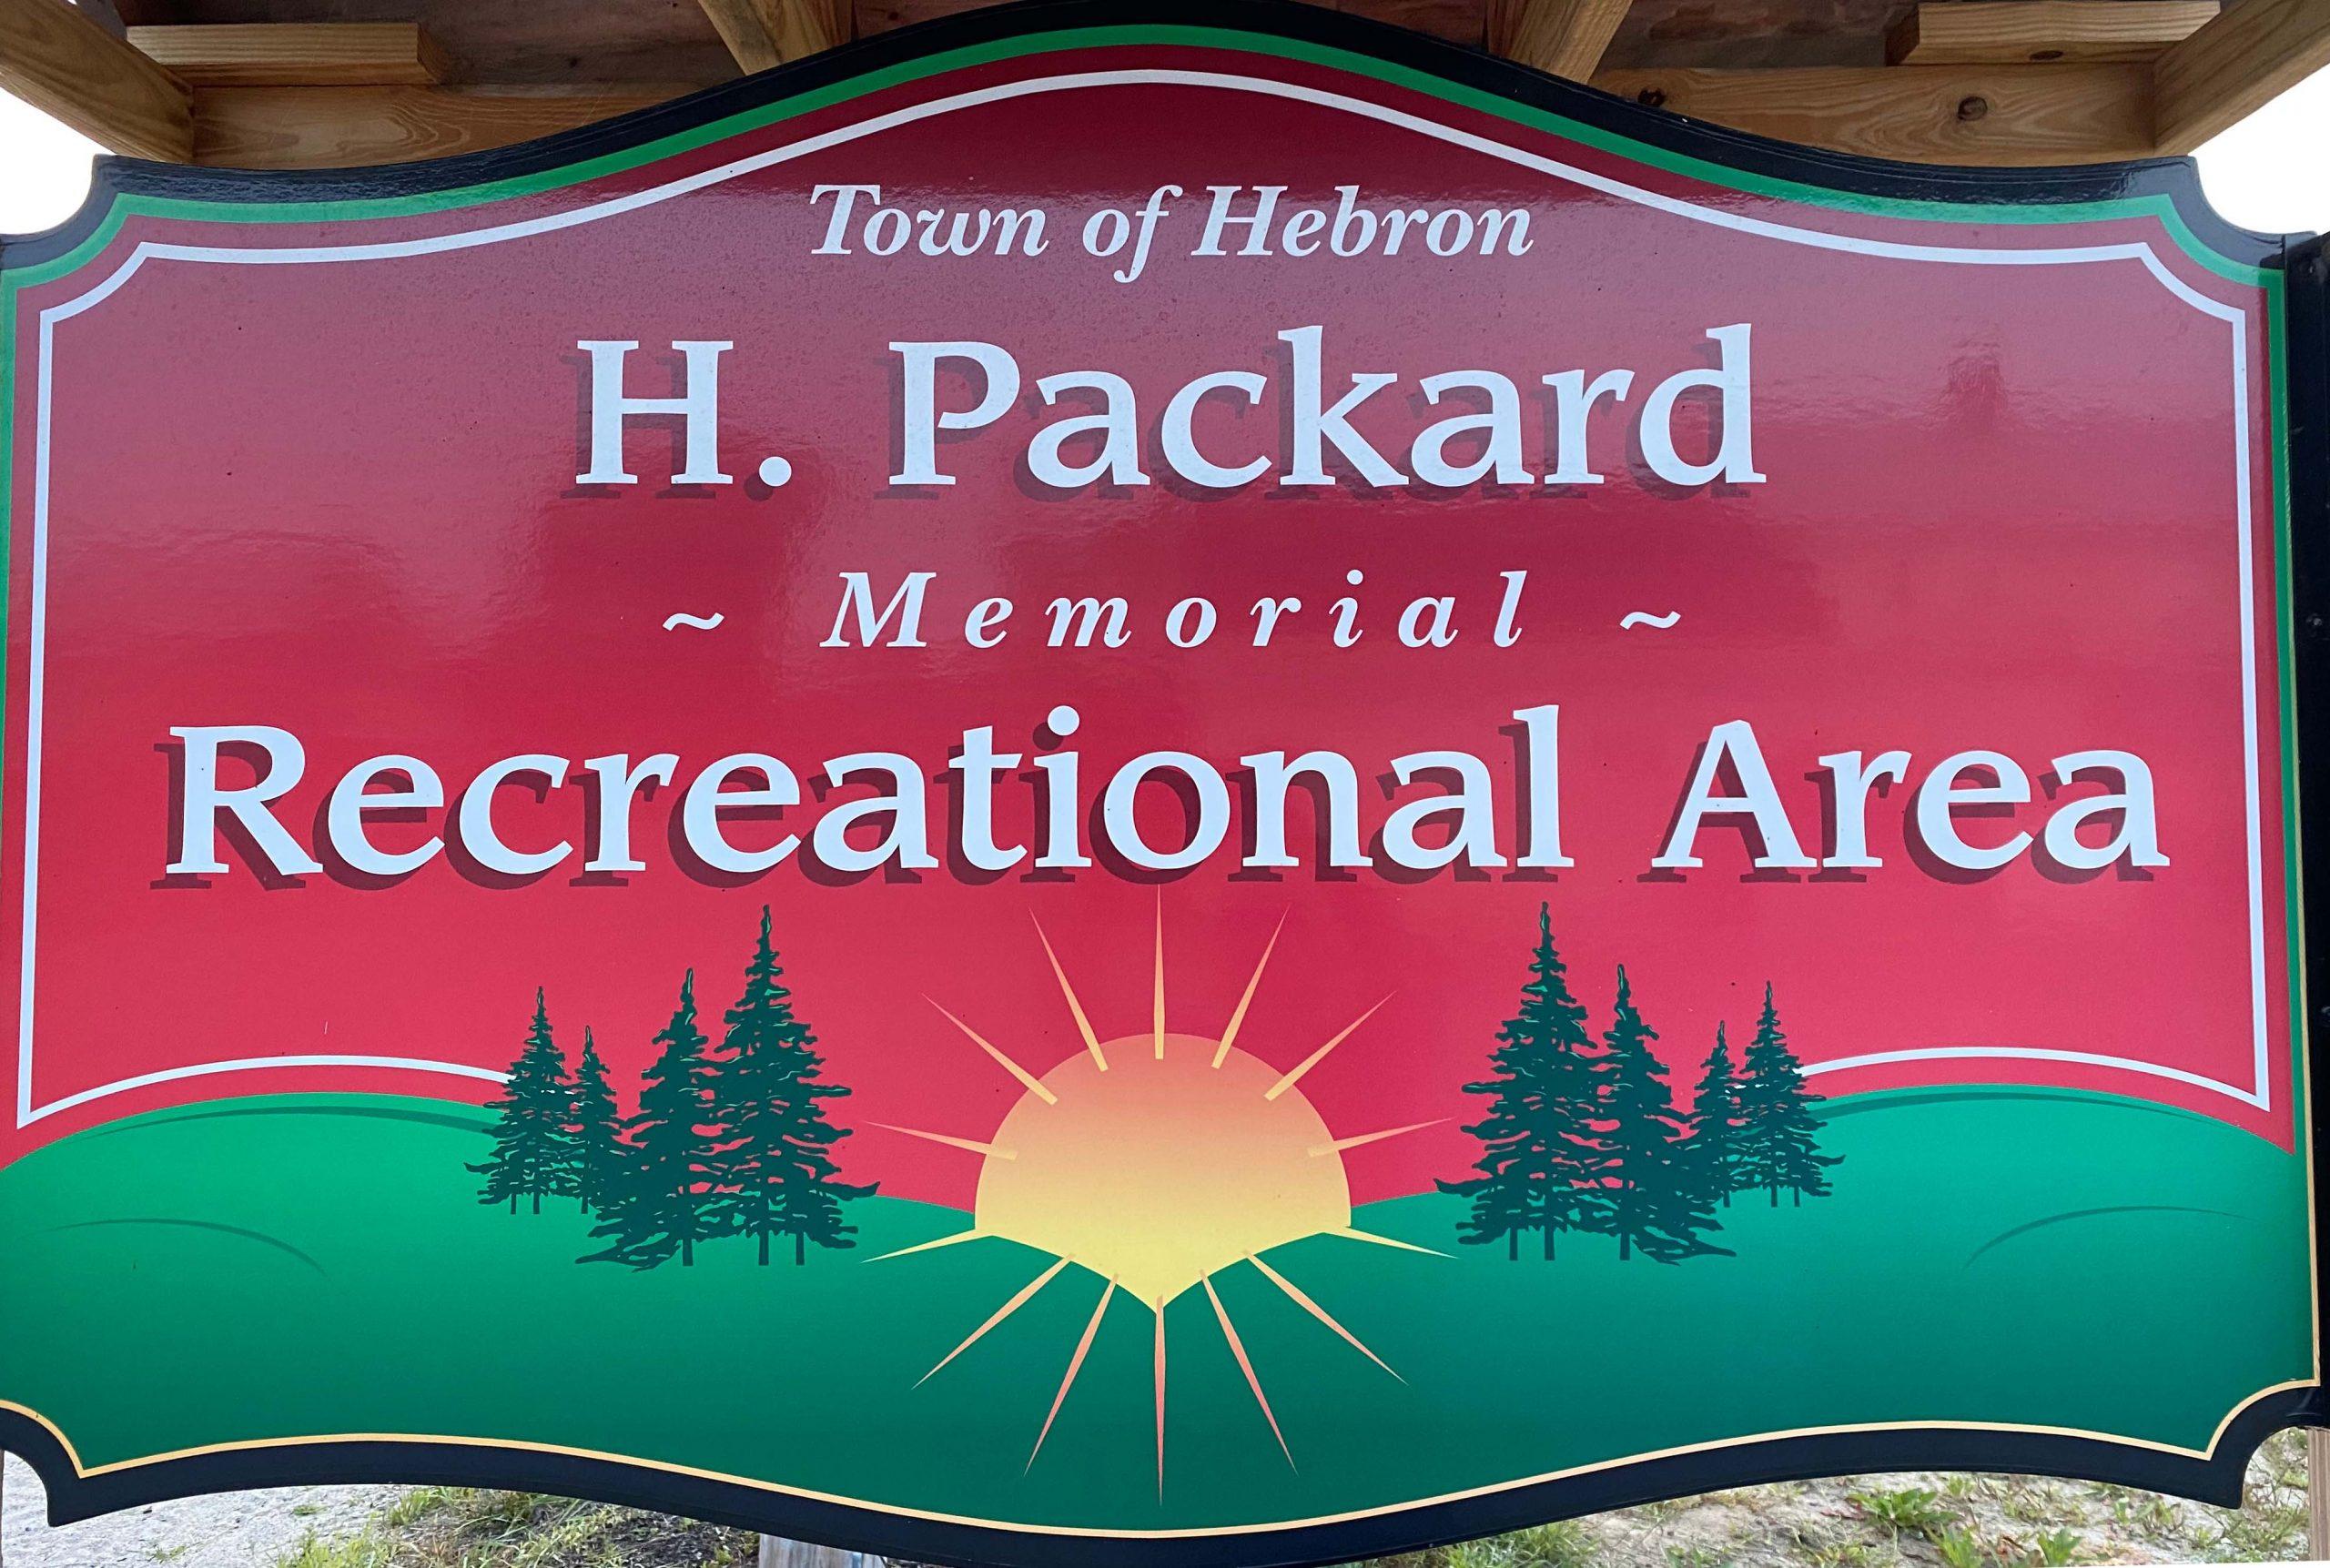 H. Packard Recreational Area